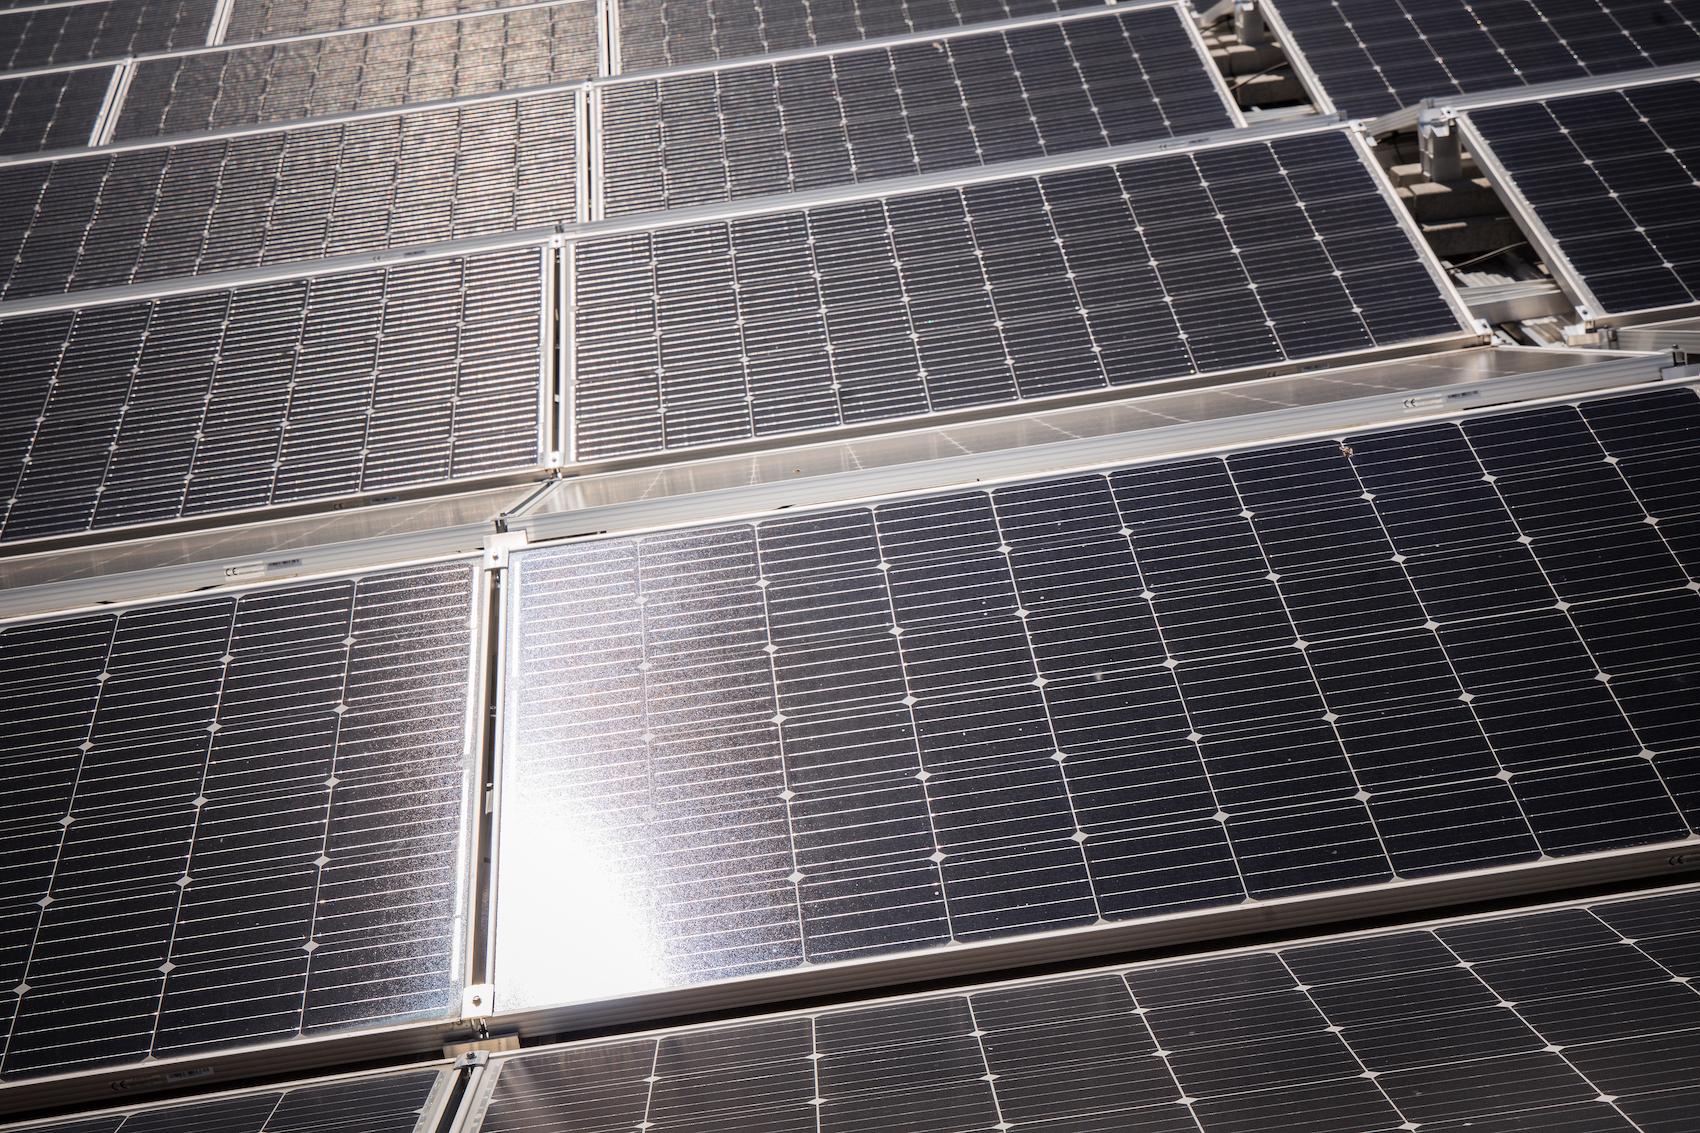 Il sole è il motore di tutto: anche i combustibili fossili come il carbone o la benzina sono, in fin dei conti, energia solare convertita.